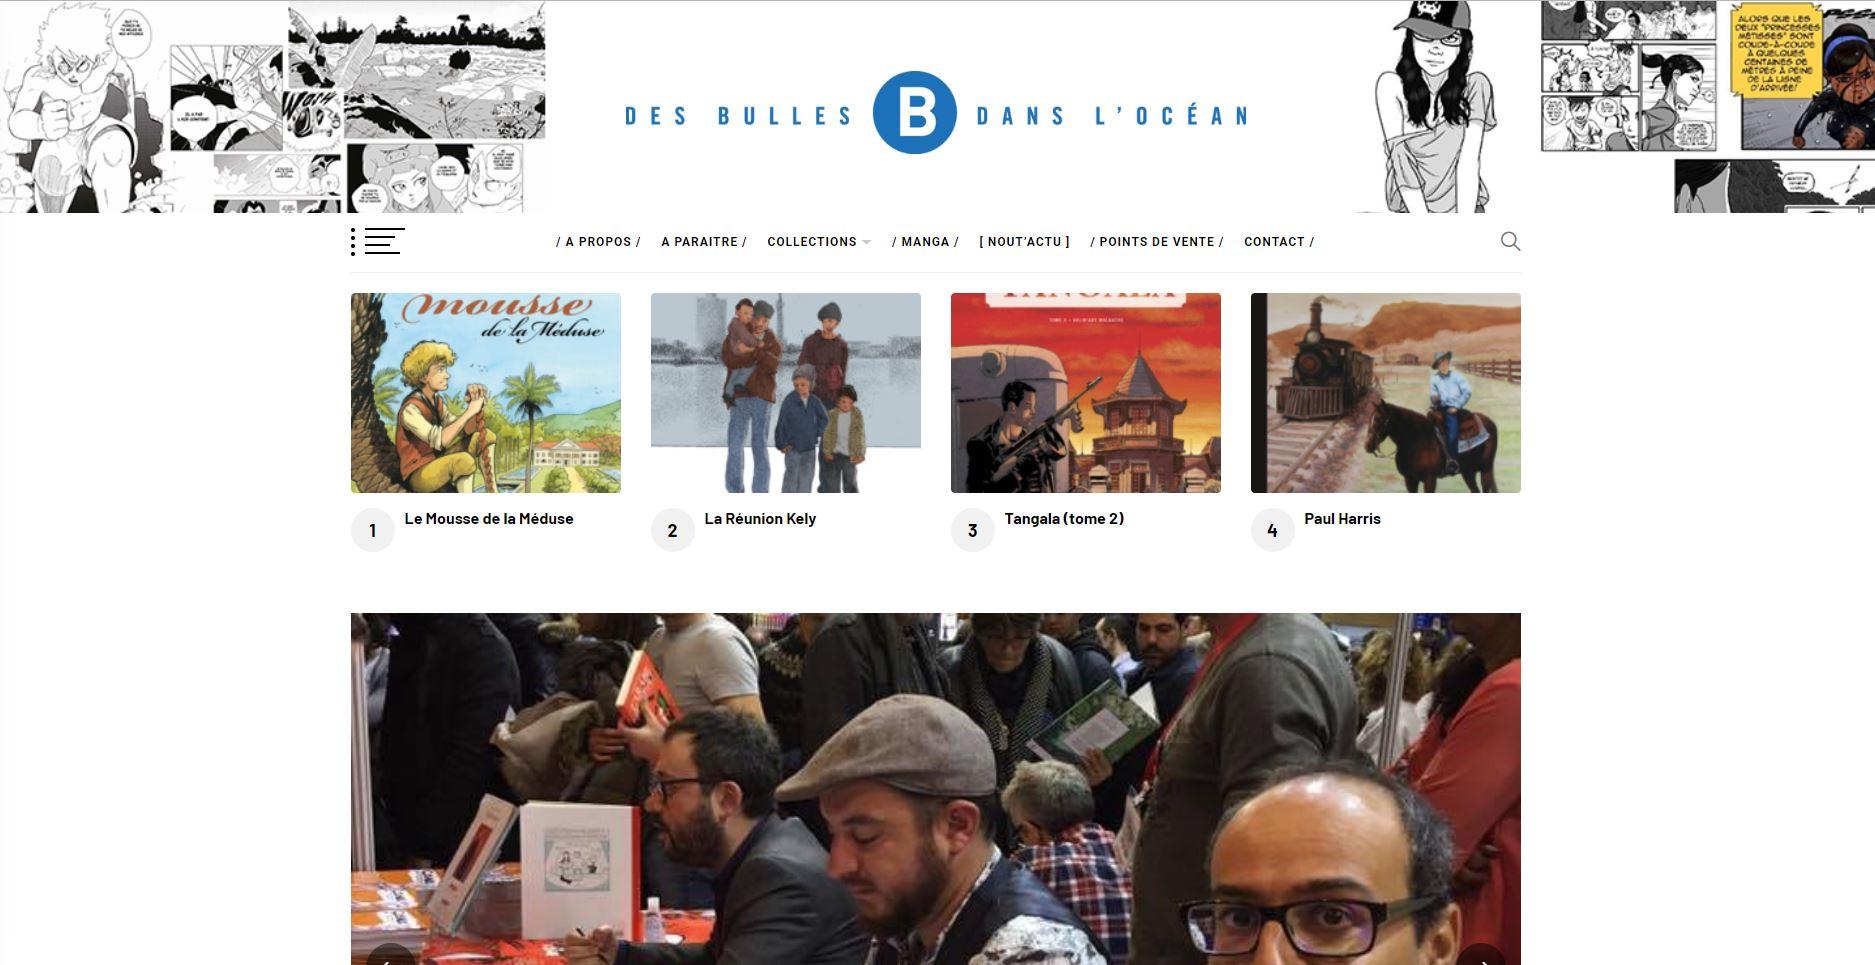 Des Bulles dans l'Océan | Site Web | Relooking